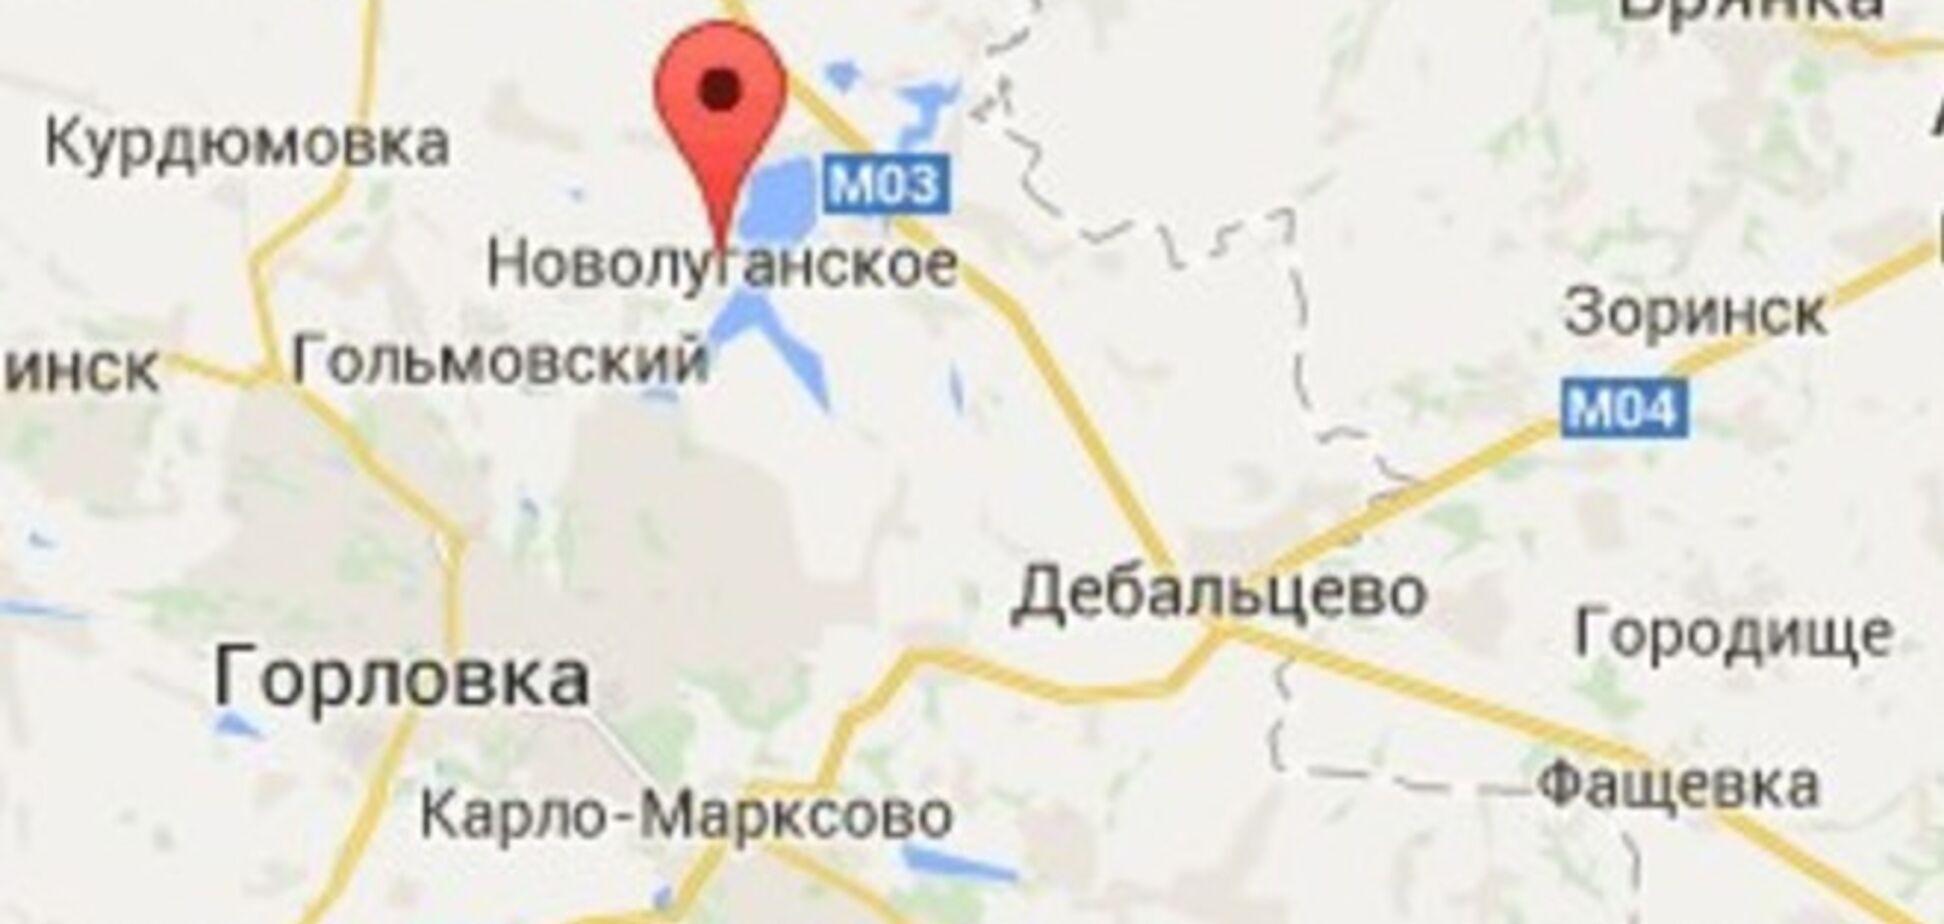 'Боевики 'ДНР' обстреляли село на Донетчине: погиб мирный житель